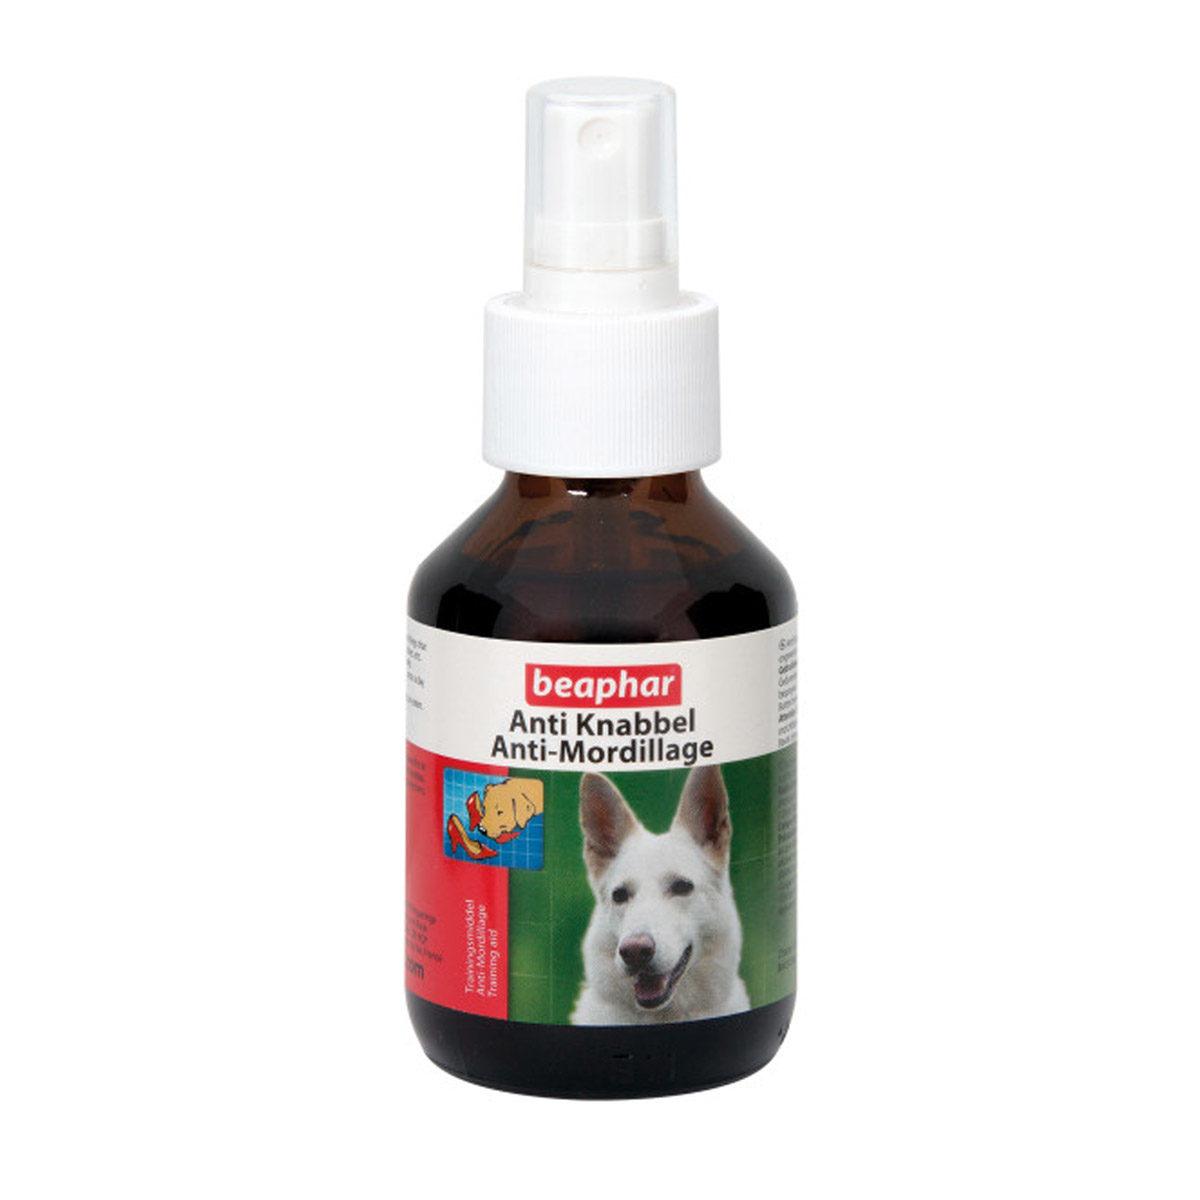 Beaphar Anti Knabbel Spray 100 ml - in Trainingshulpen